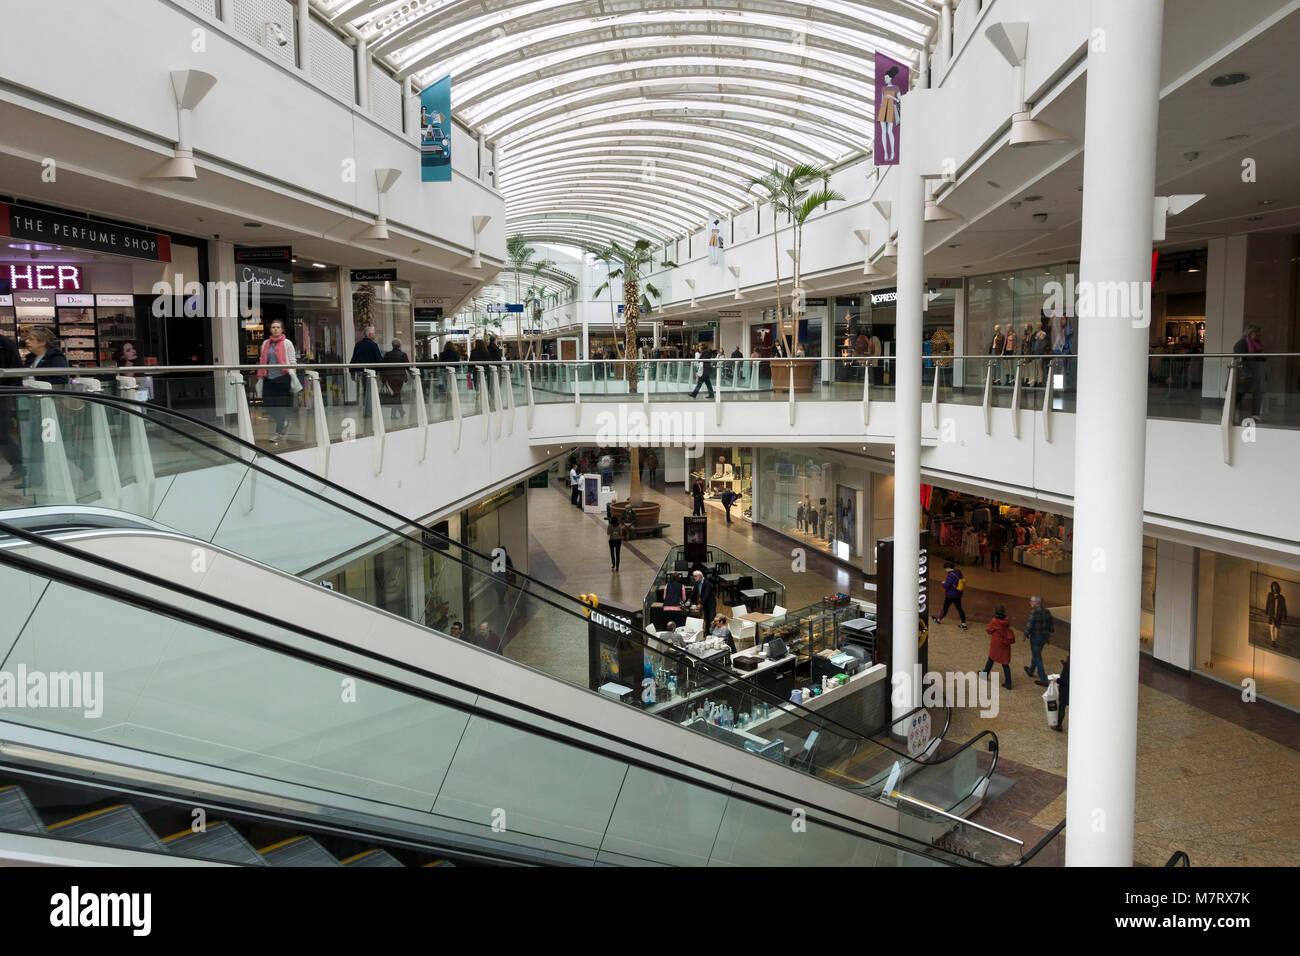 5e98a39f13a9 Interior of The Mall, Cribbs Causeway shopping centre, Bristol, England, UK